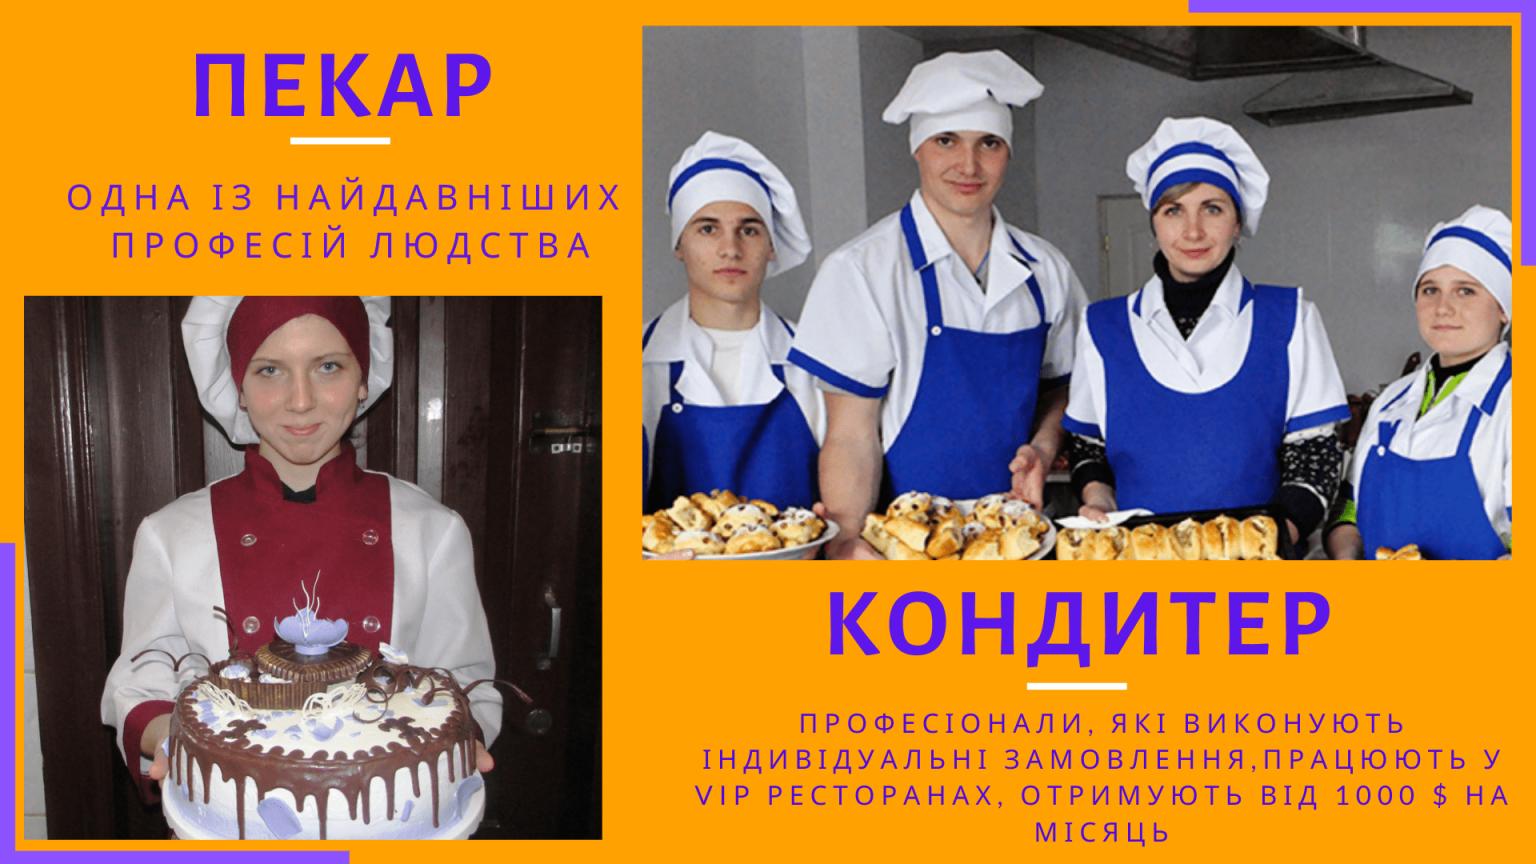 Пекар Кондитер Профосвіта Полтавщини